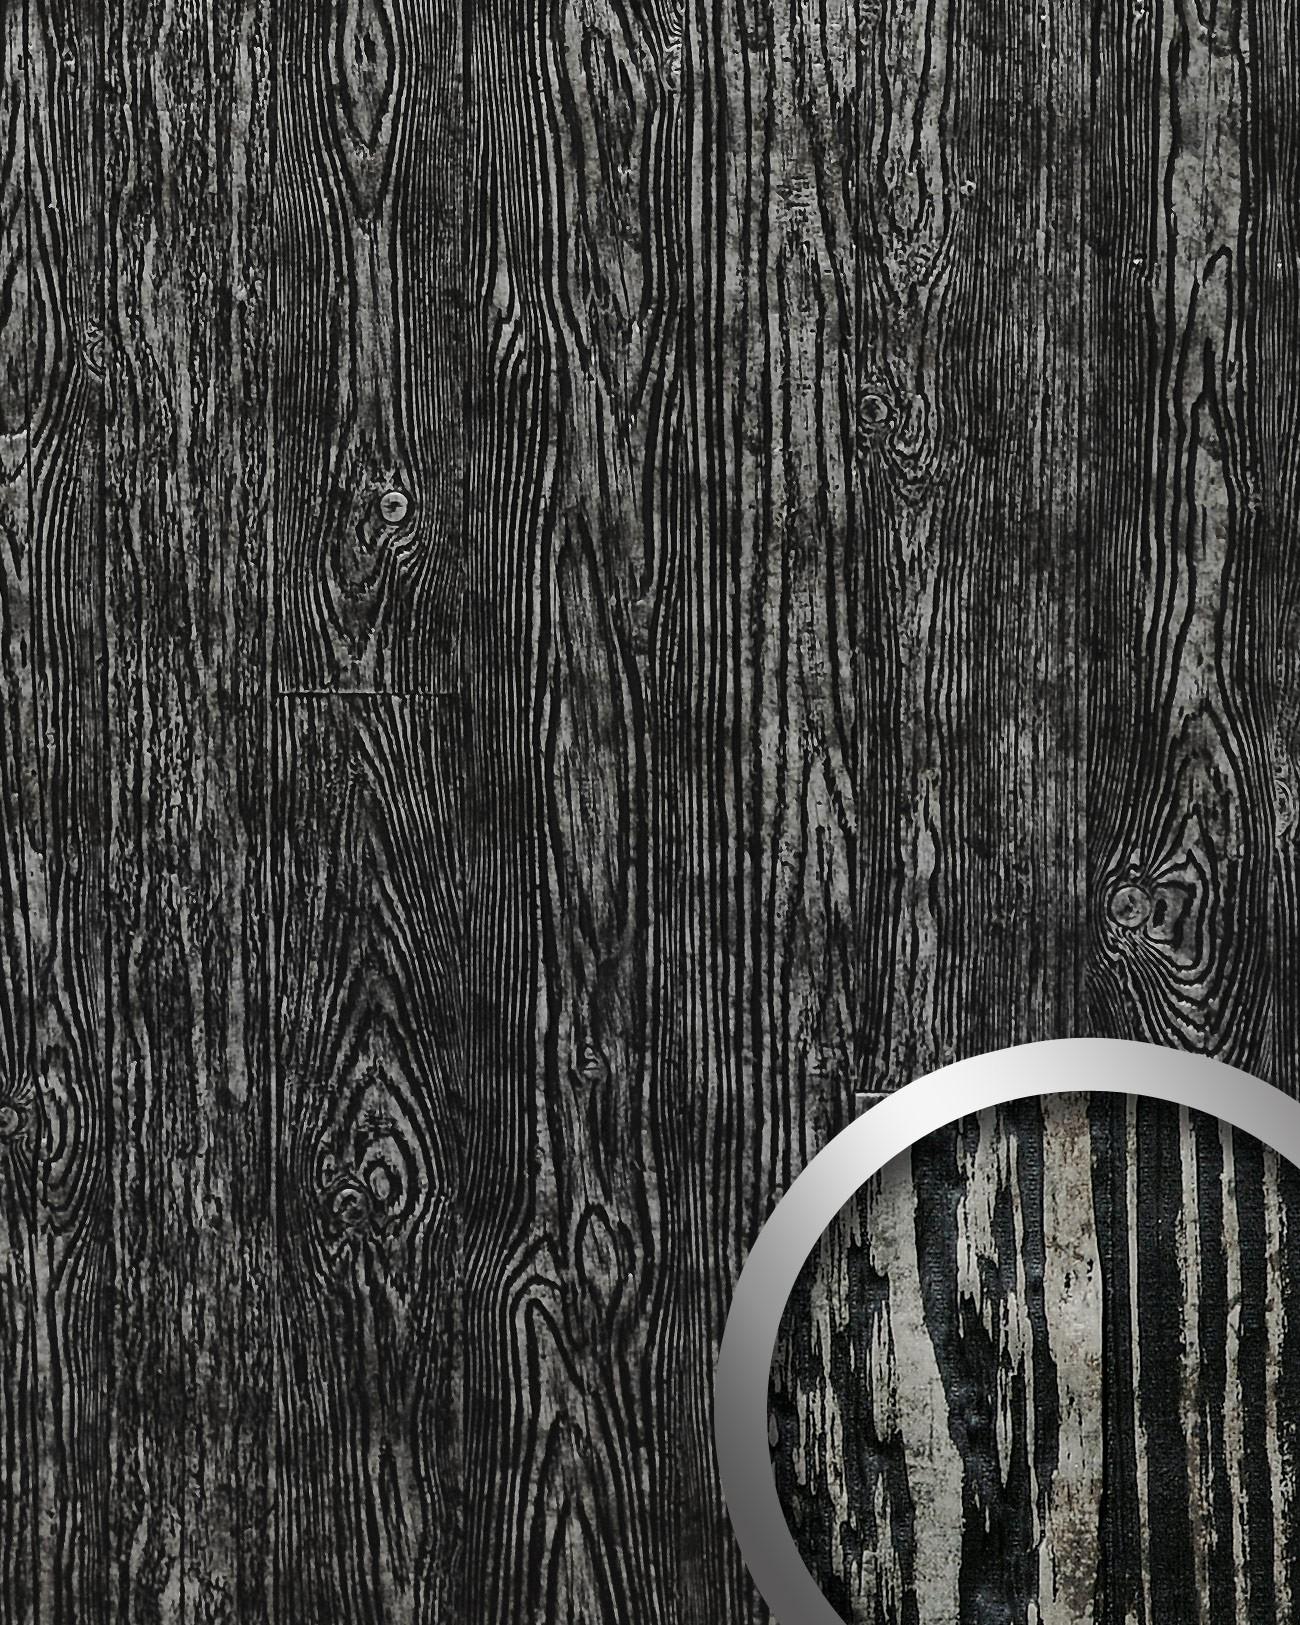 Tapete schwarz silber online bestellen bei yatego